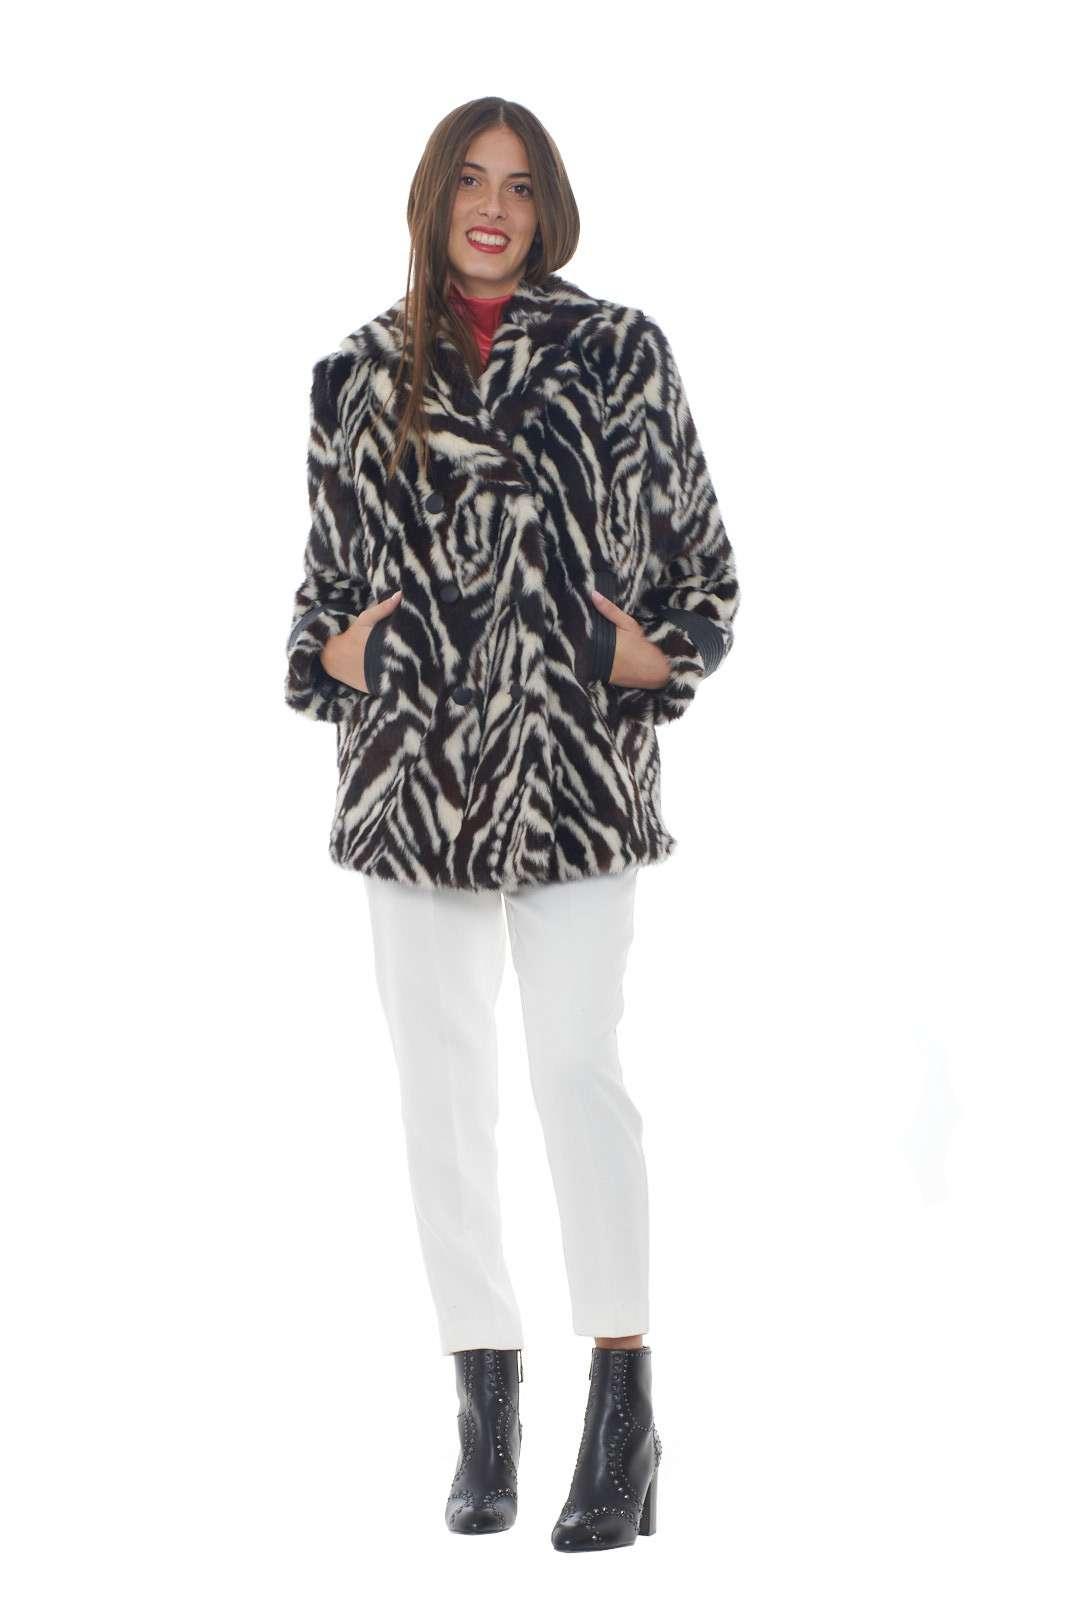 https://www.parmax.com/media/catalog/product/a/i/AI-outlet_parmax-pelliccia-donna-Pinko-1g146m-D.jpg